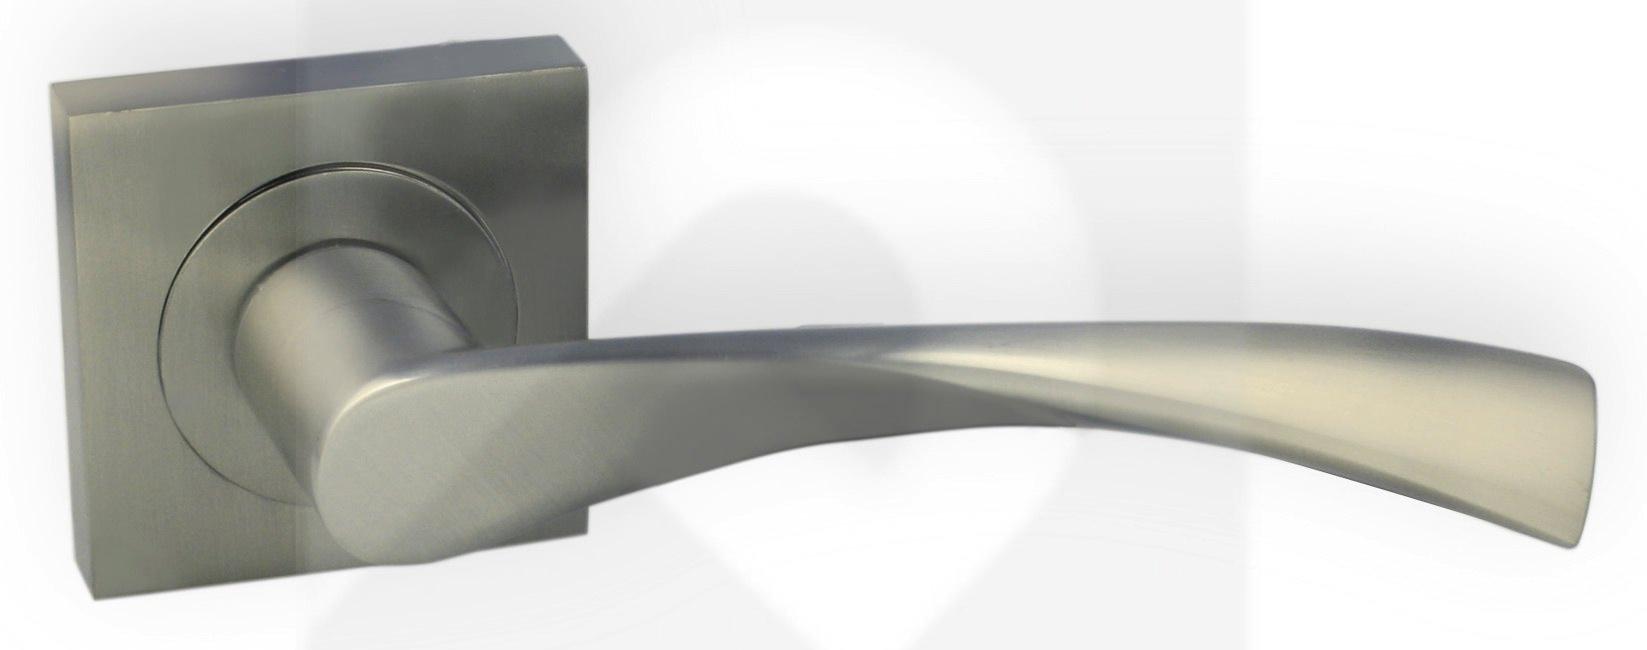 Juego de manillas cuadrada aluminio niquel mate 016 manistil - Manillas puertas aluminio ...